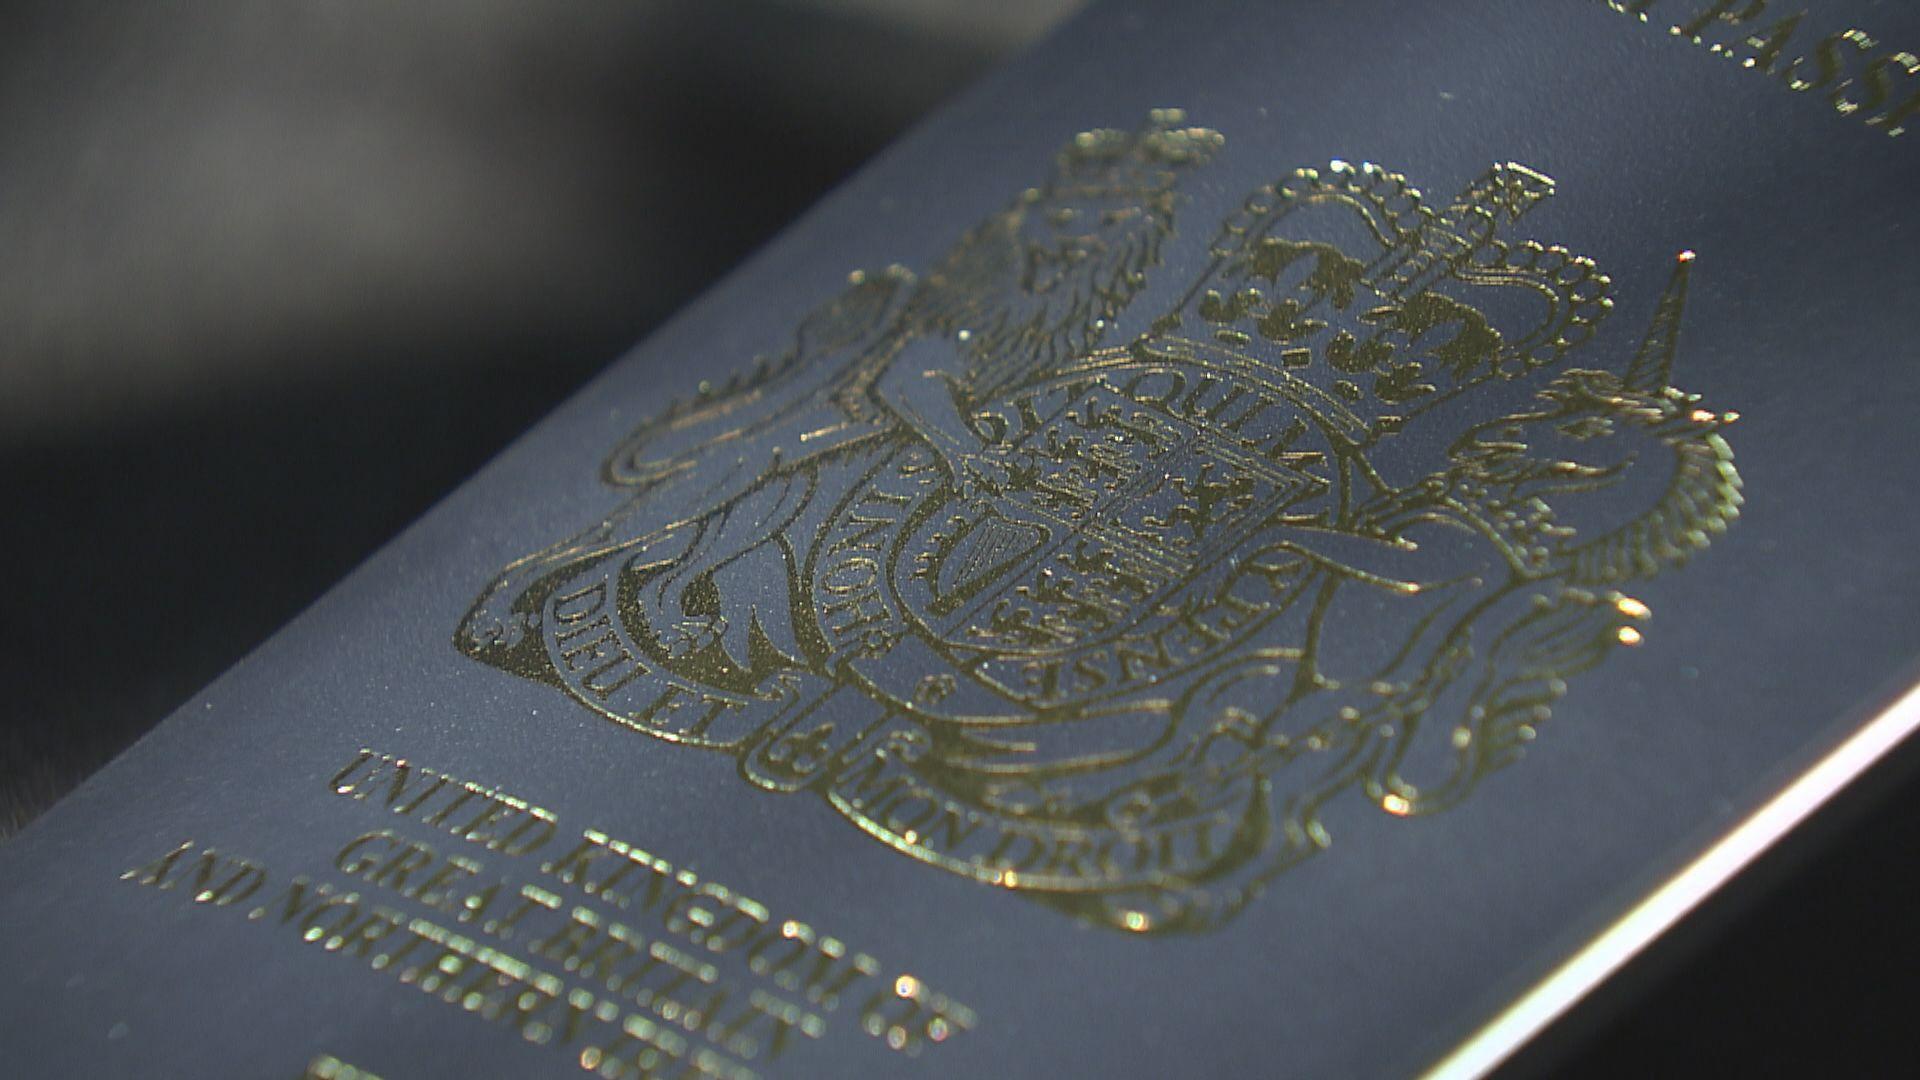 具BNO身份港人周日起可申請新簽證赴英居留 英揆:展示英國支持港自由自治